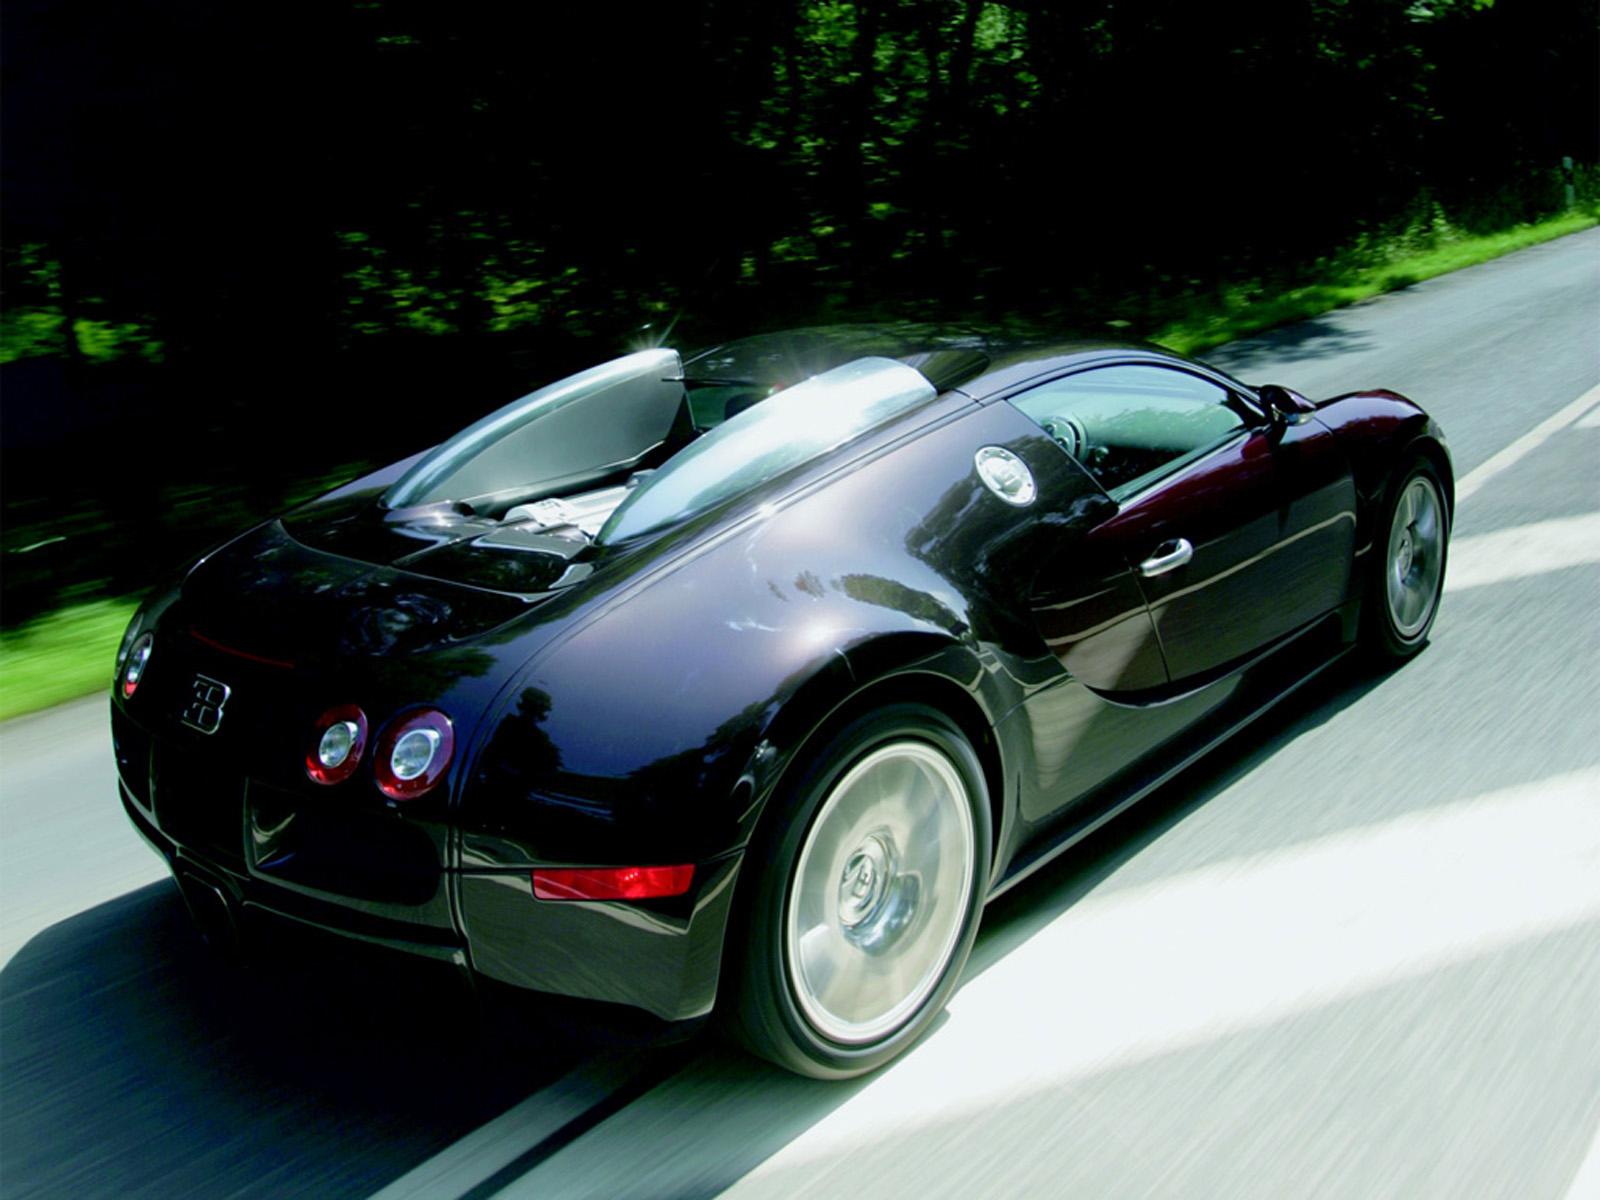 Bugatti Veyron Back View Wallpaper For Desktop